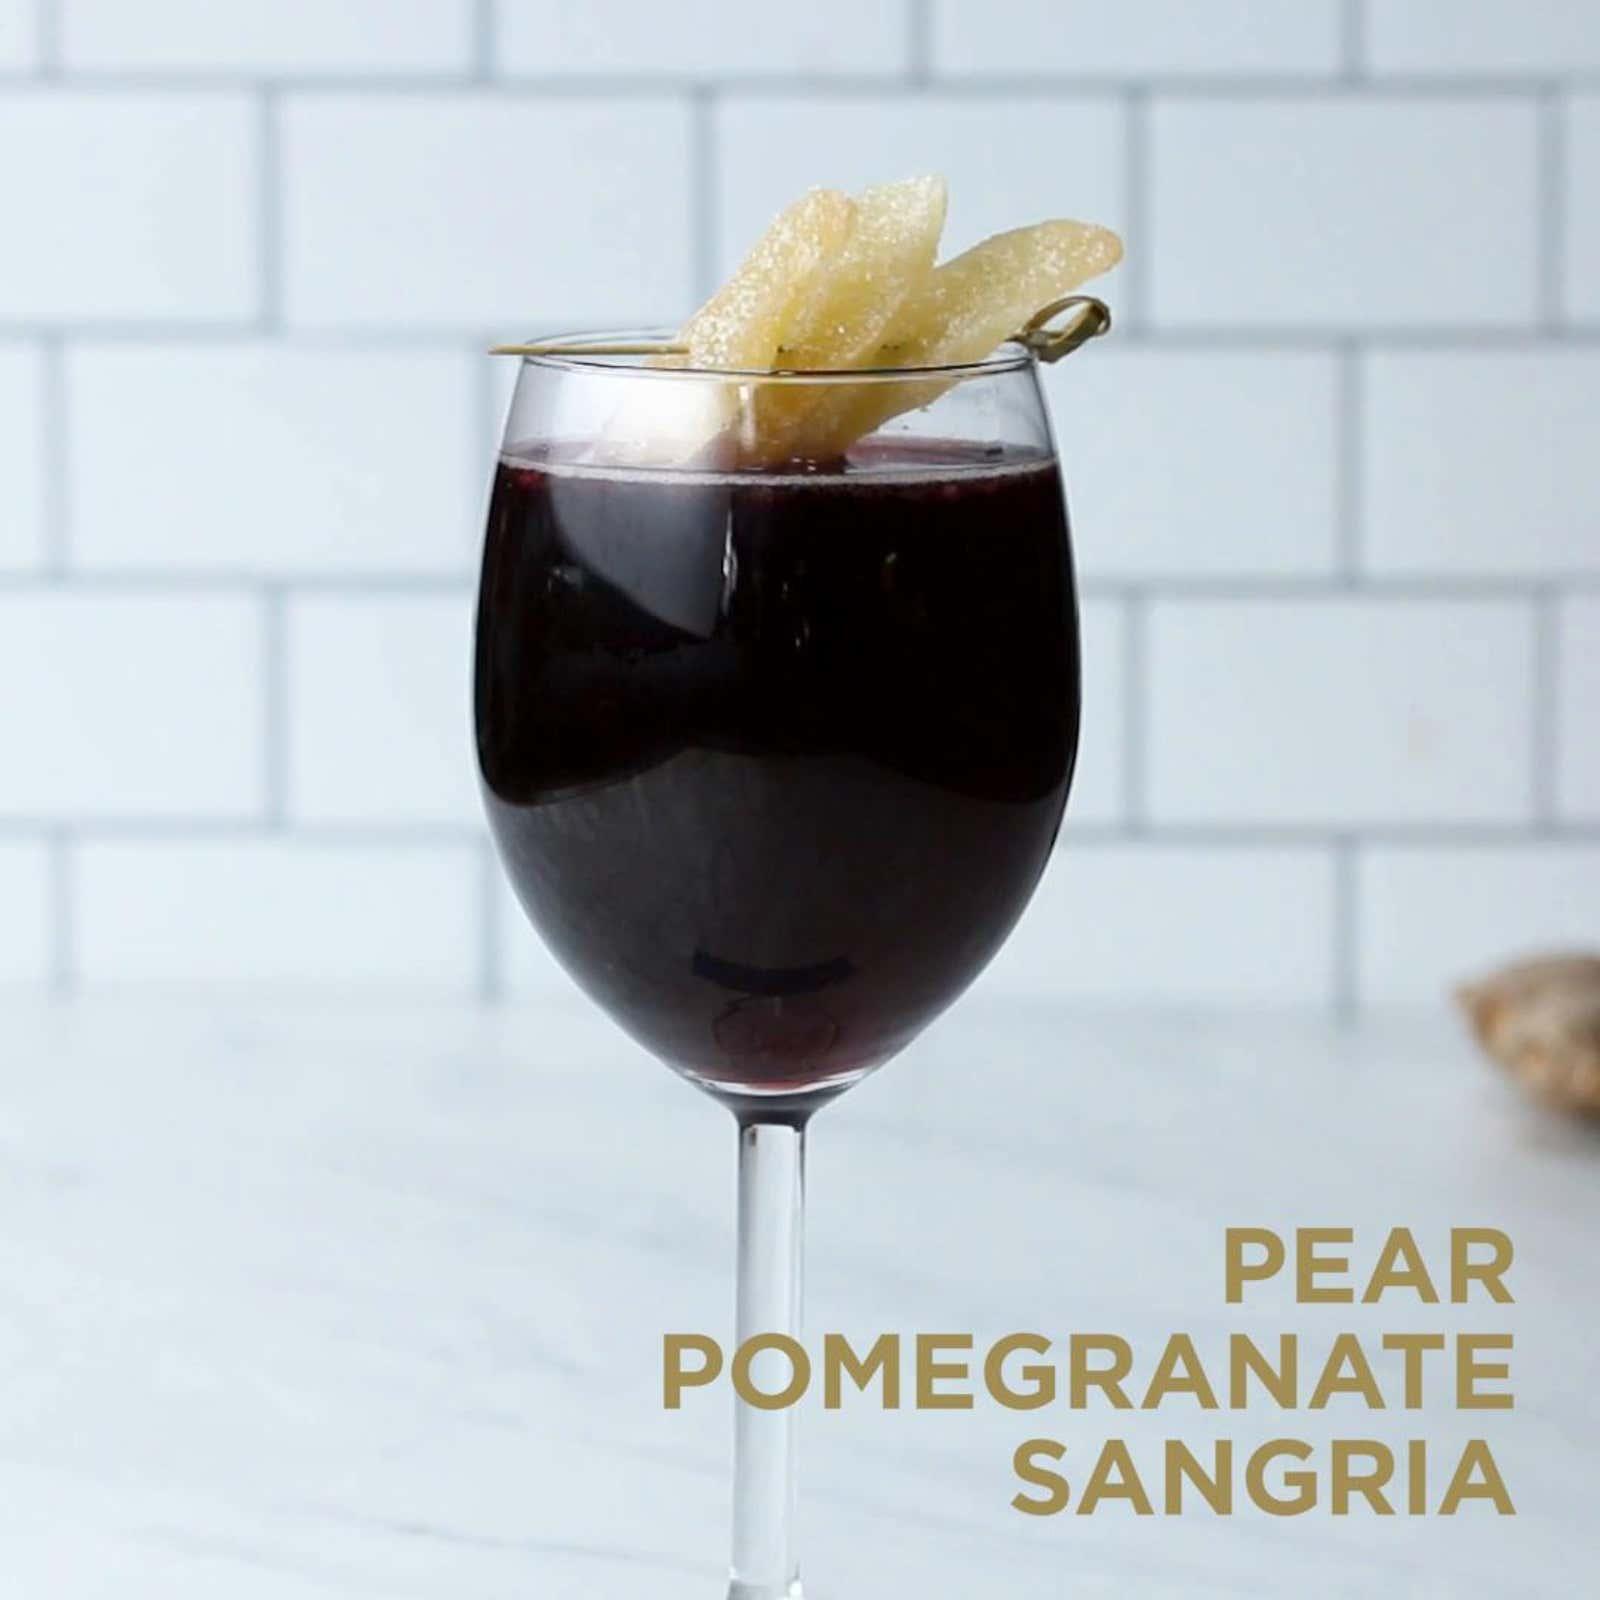 Pomegranate Pear Sangria